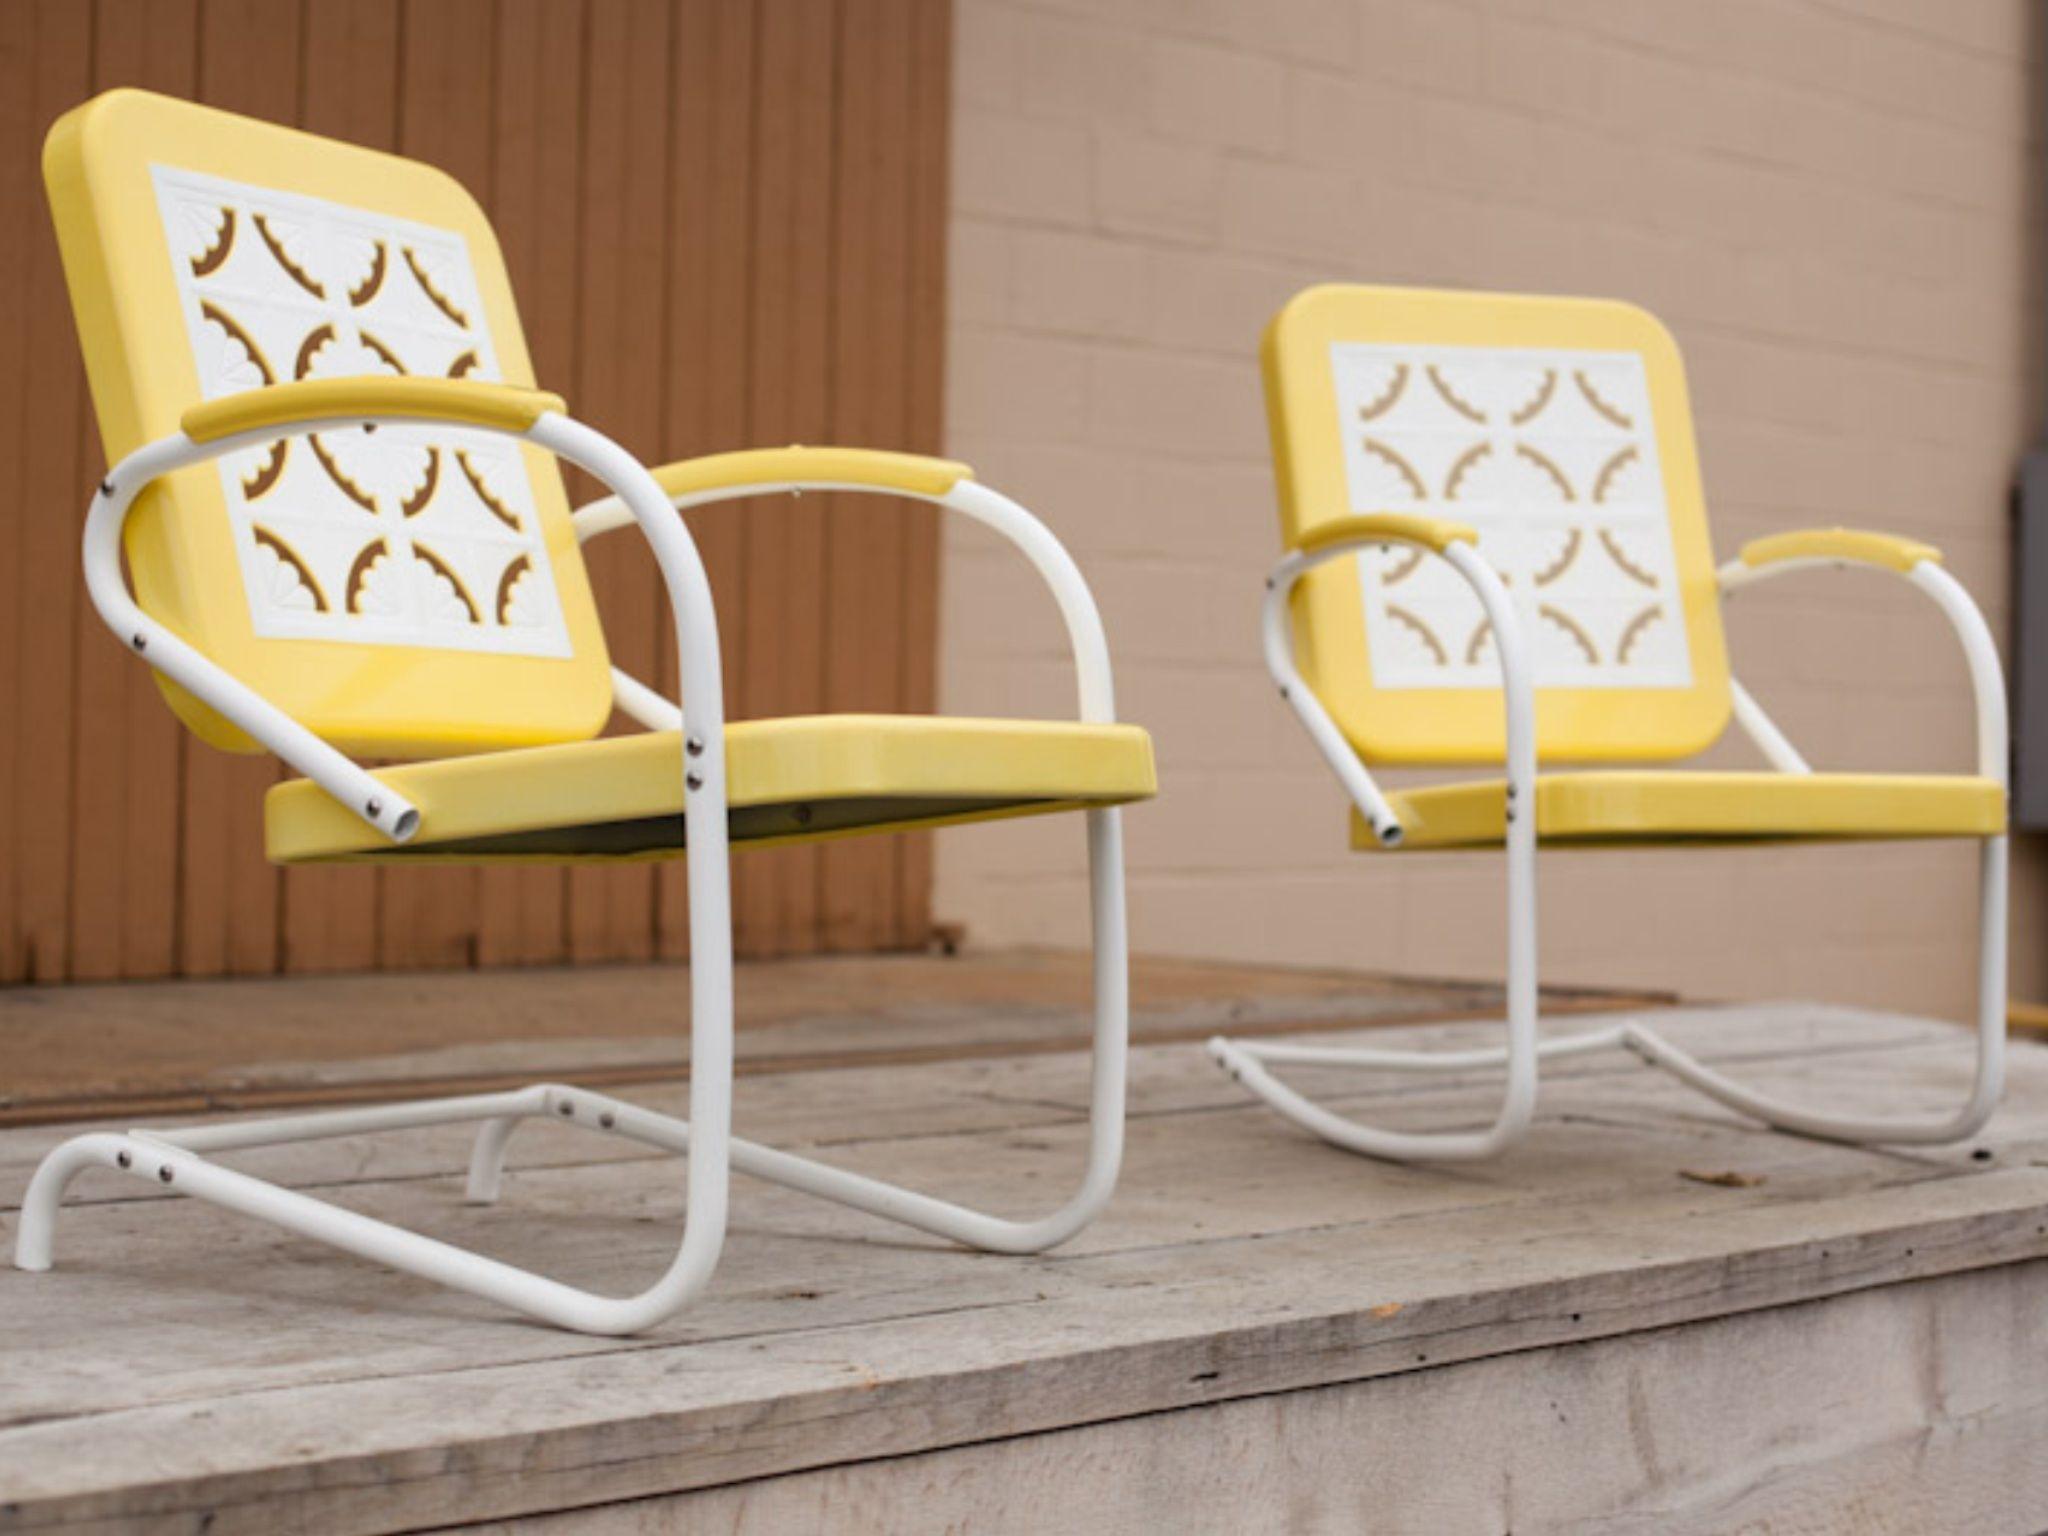 Chairs Vintage Gliders & Metal